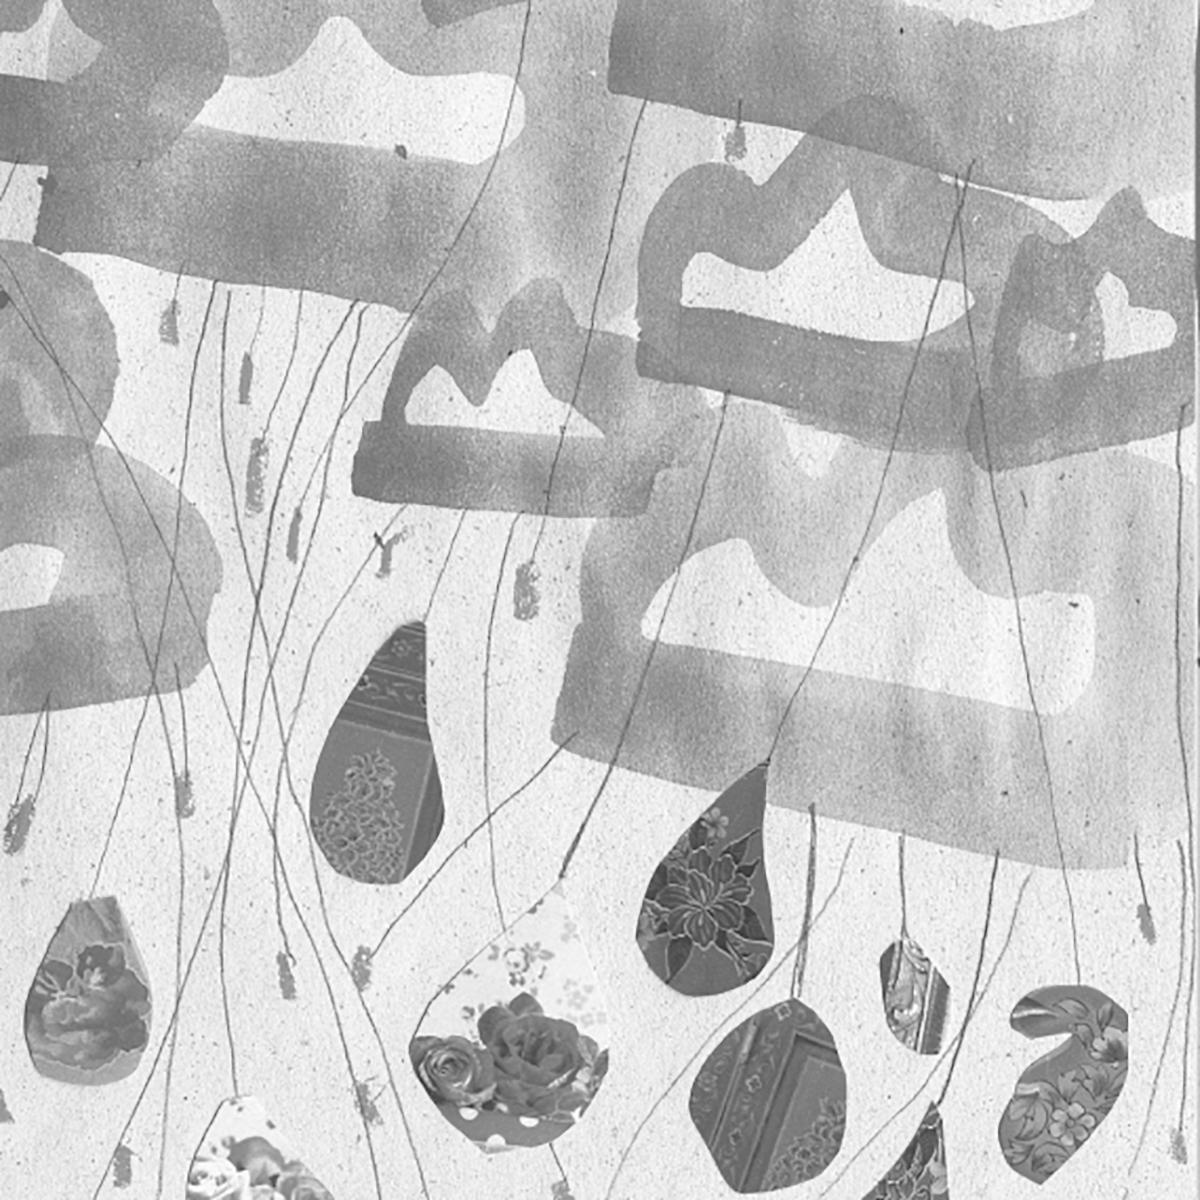 ilustración-ver-llover-lluvia